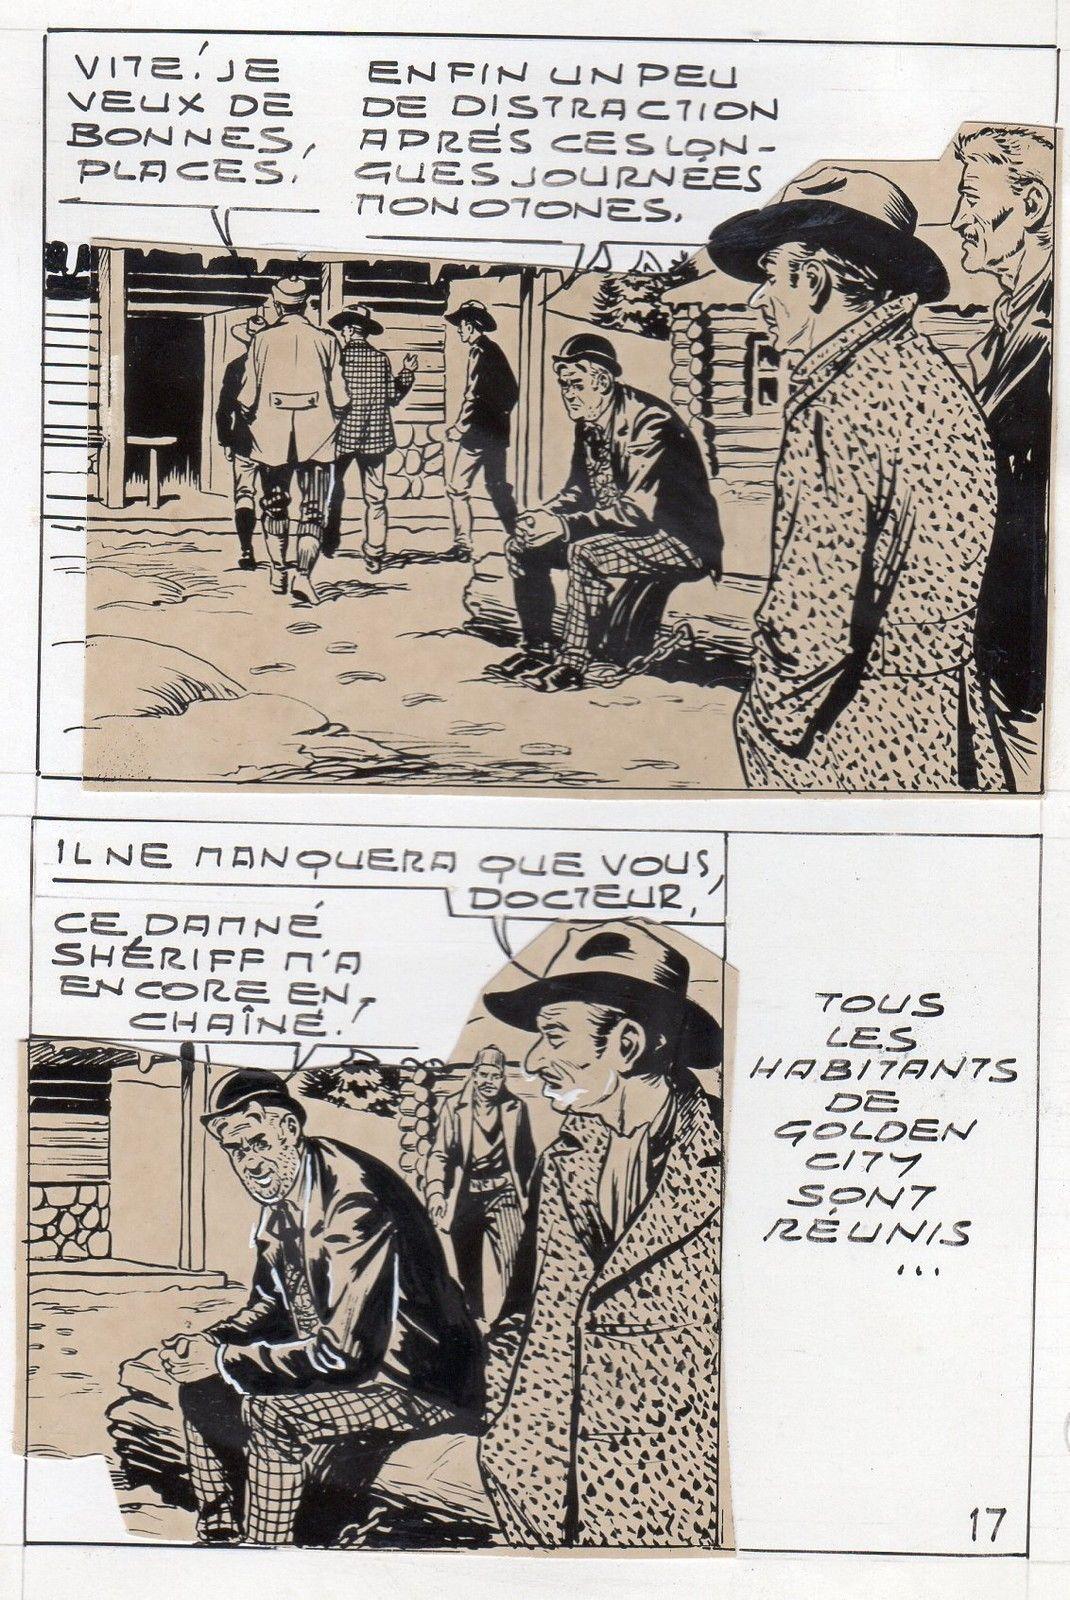 MIKI LE RANGER LES TRAPPEURS  PLANCHE  MONTAGE NEVADA 1959 PIECE UNIQUE PAGE 17 fr.picclick.com